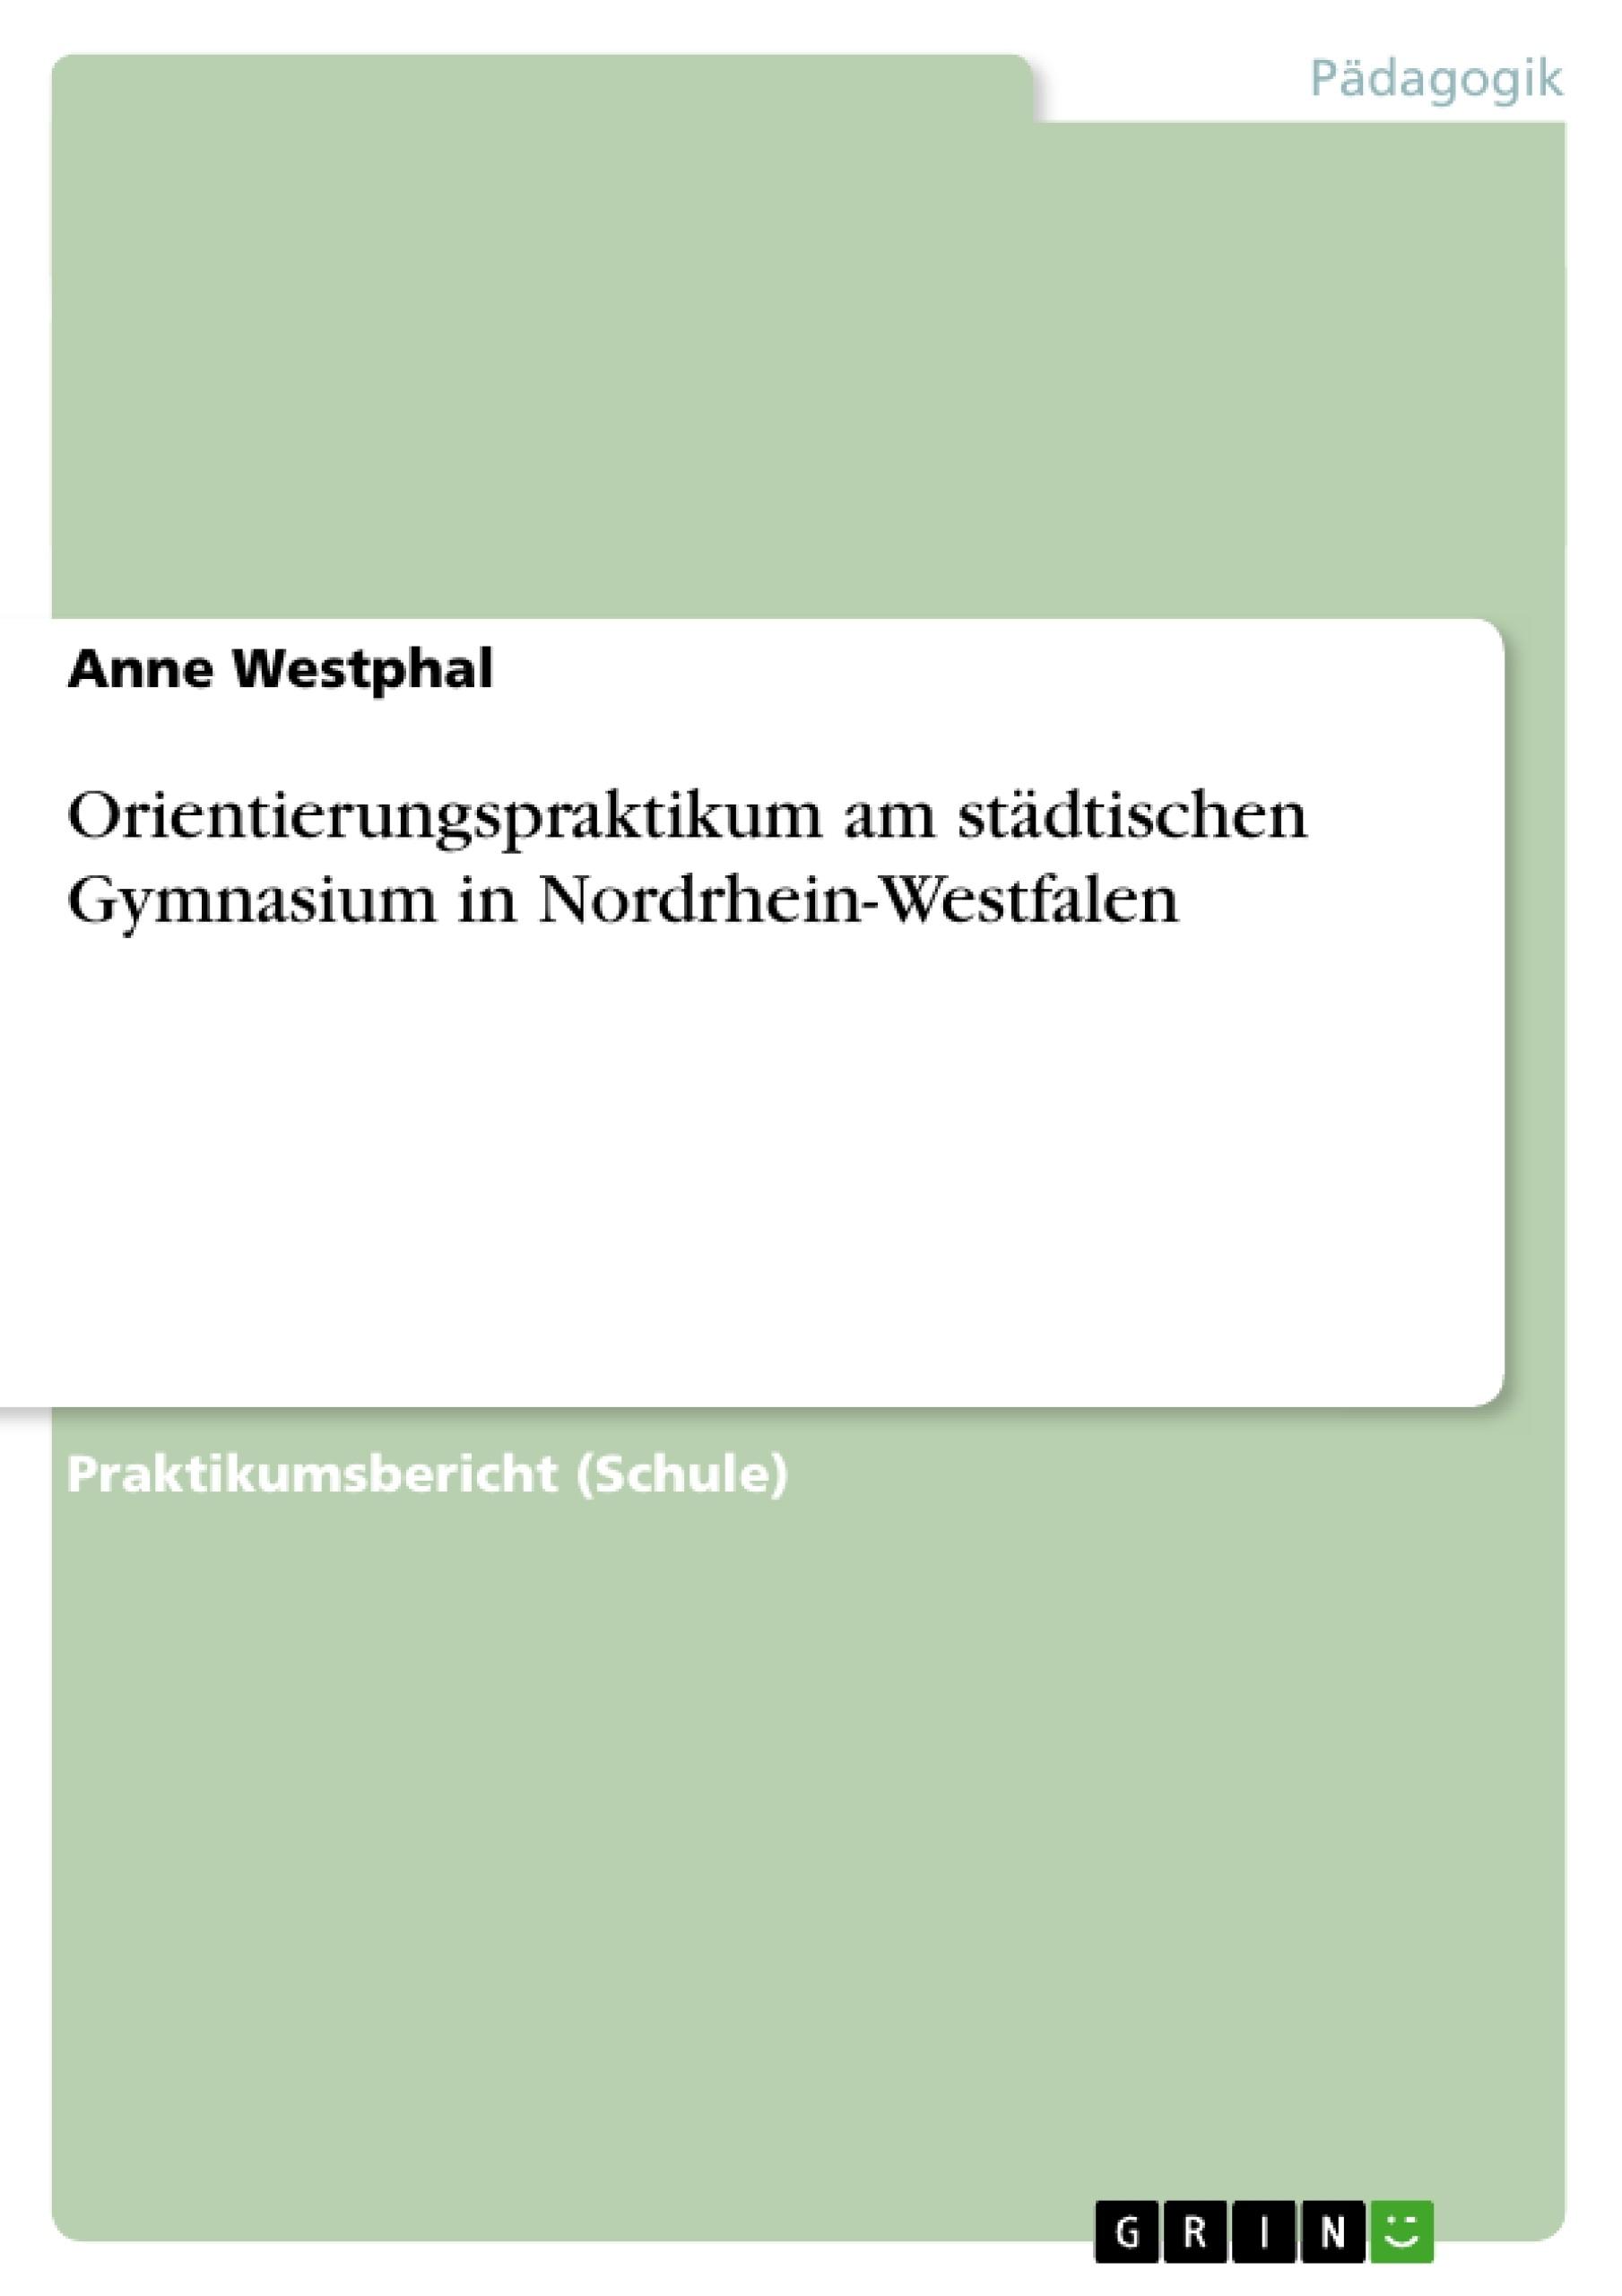 Titel: Orientierungspraktikum am städtischen Gymnasium in Nordrhein-Westfalen